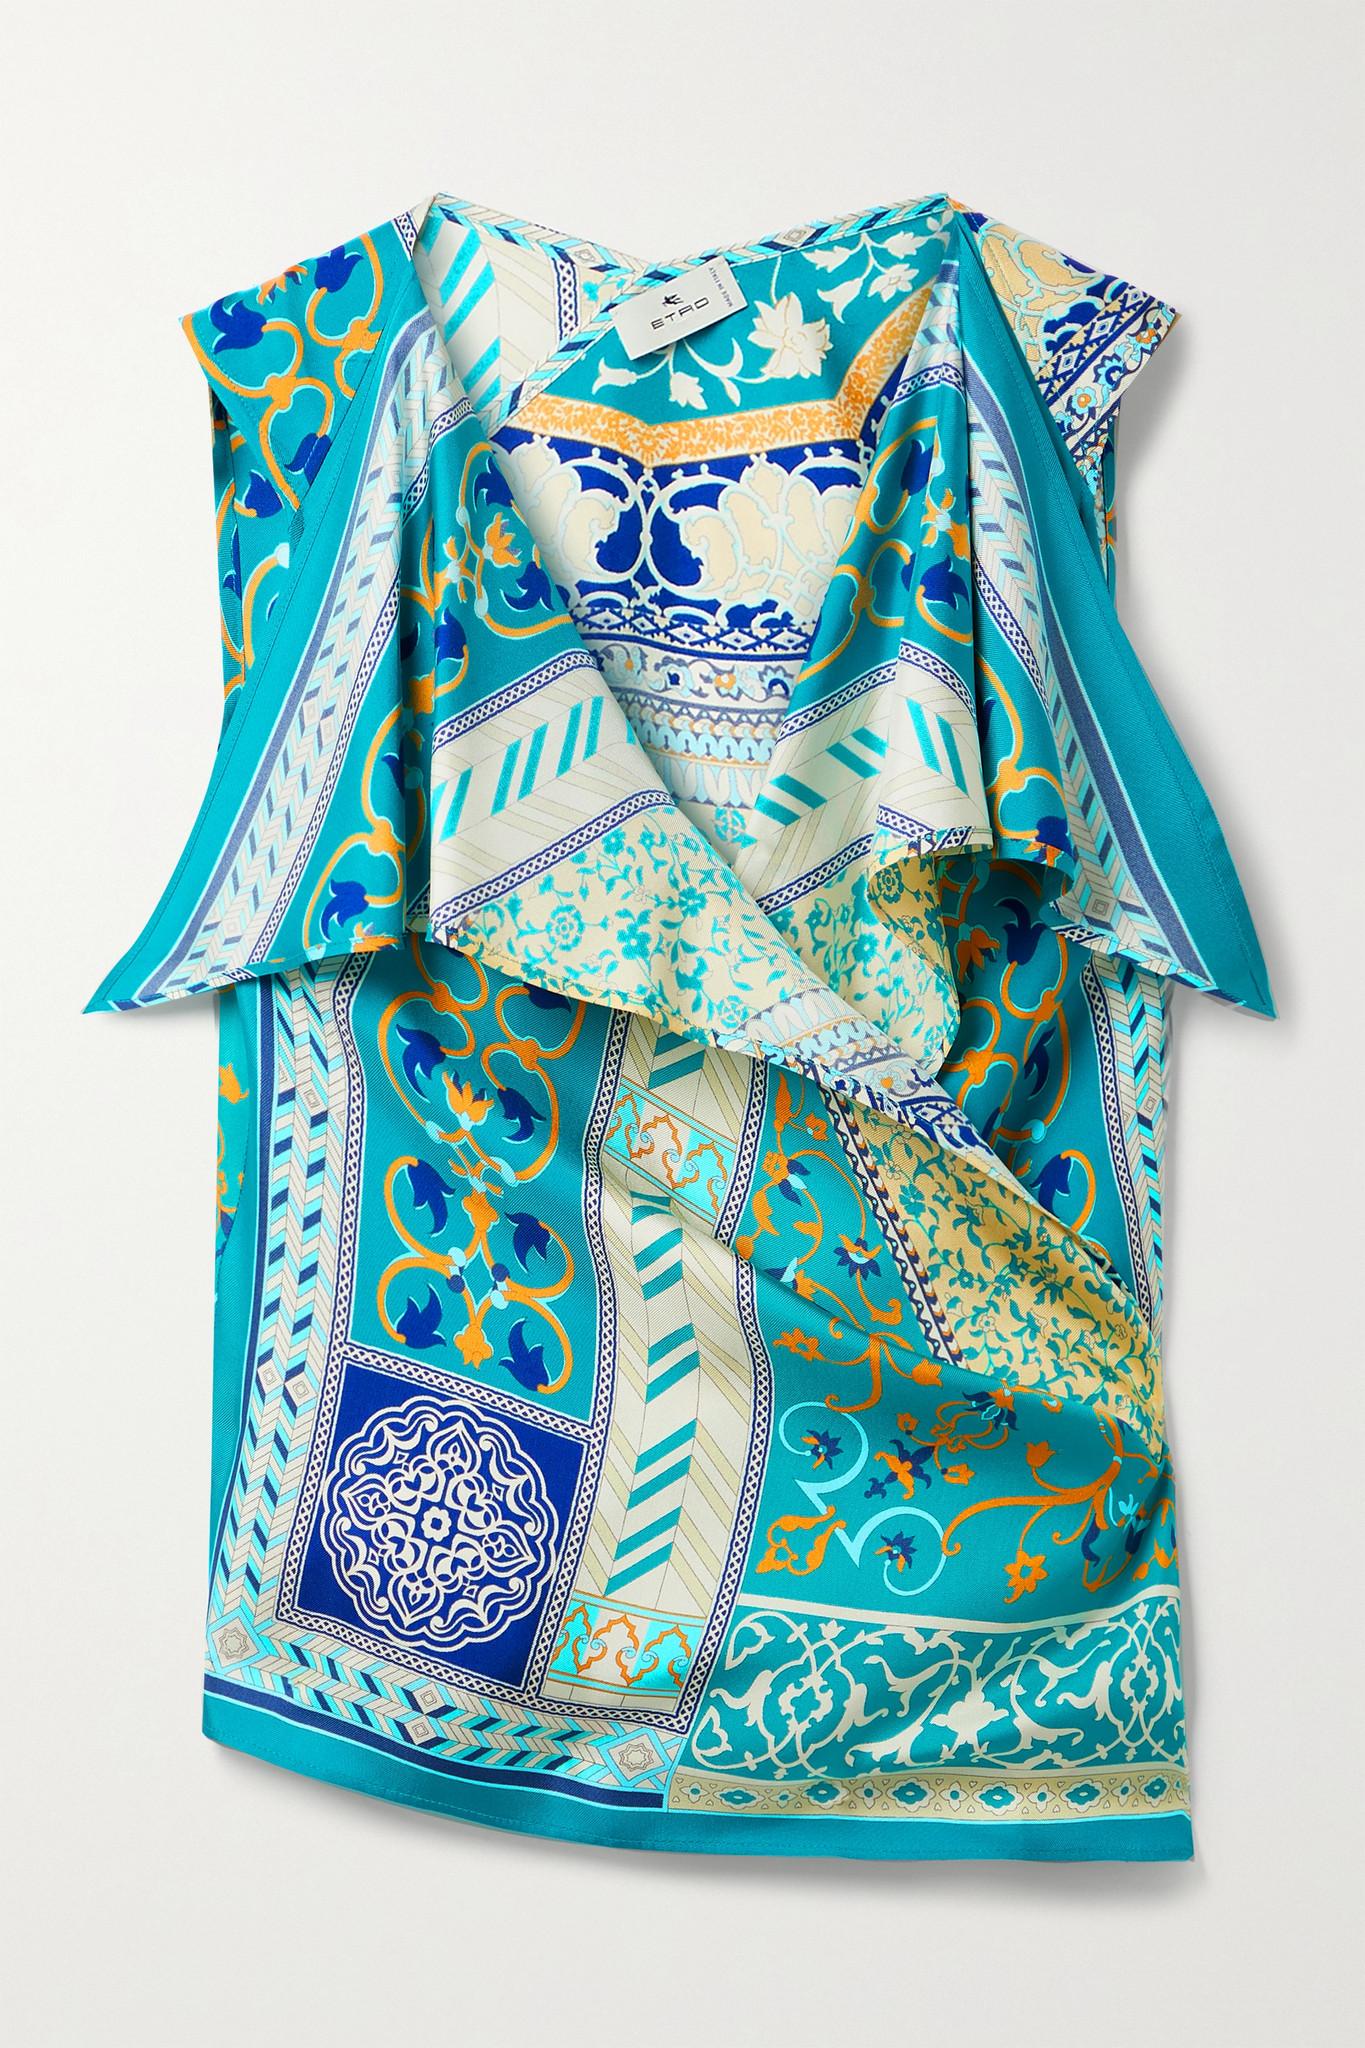 ETRO - 印花丝缎围裹式上衣 - 蓝色 - IT38